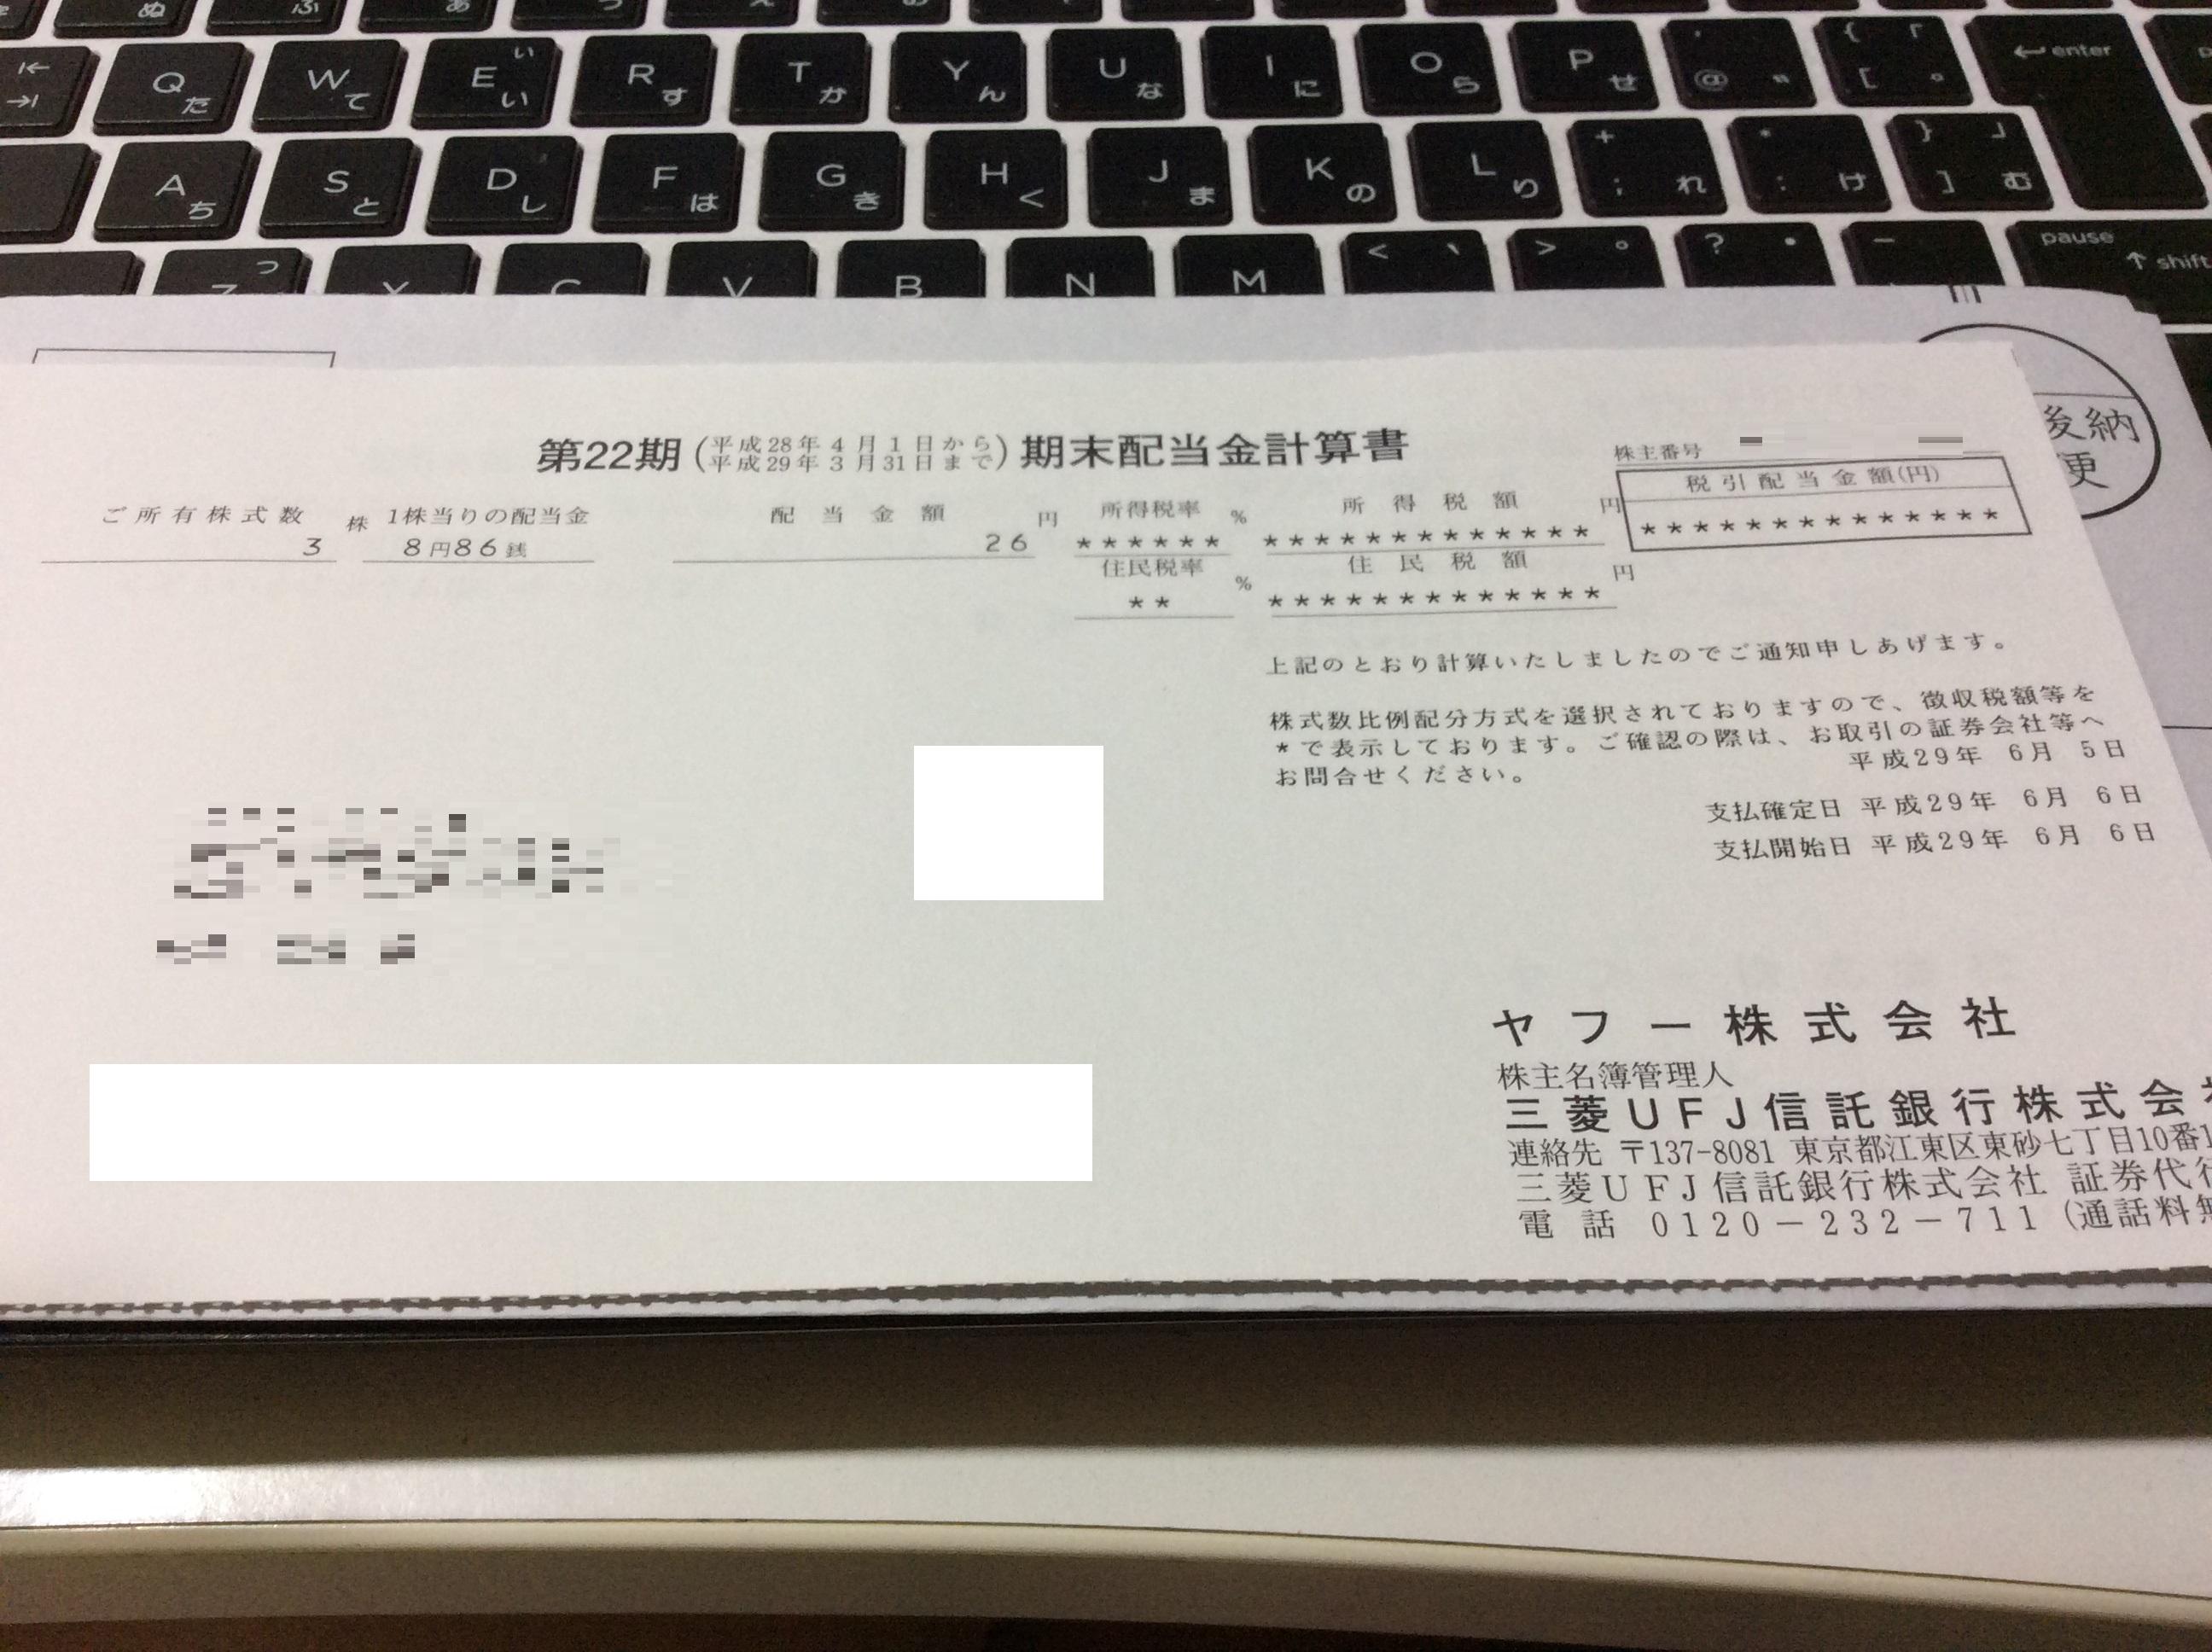 ヤフー(4689)第22期(平成28年4月1日~平成29年3月31日まで)期末配当金計算書